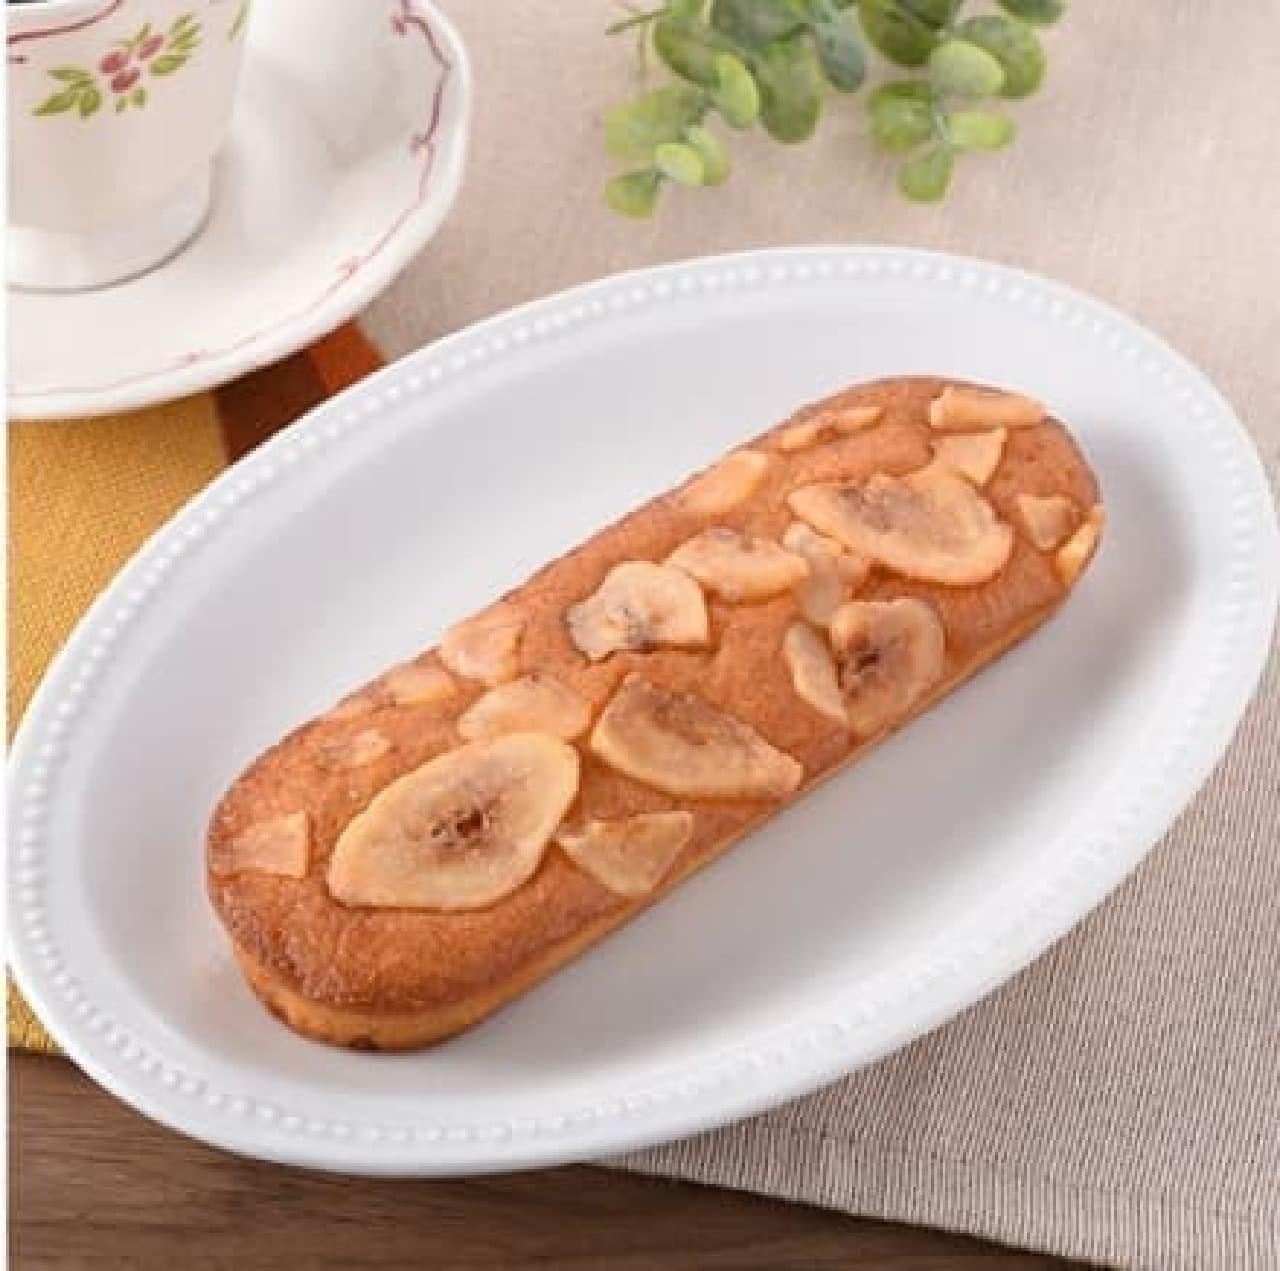 ファミリーマート「しっとりケーキ(完熟バナナ)」